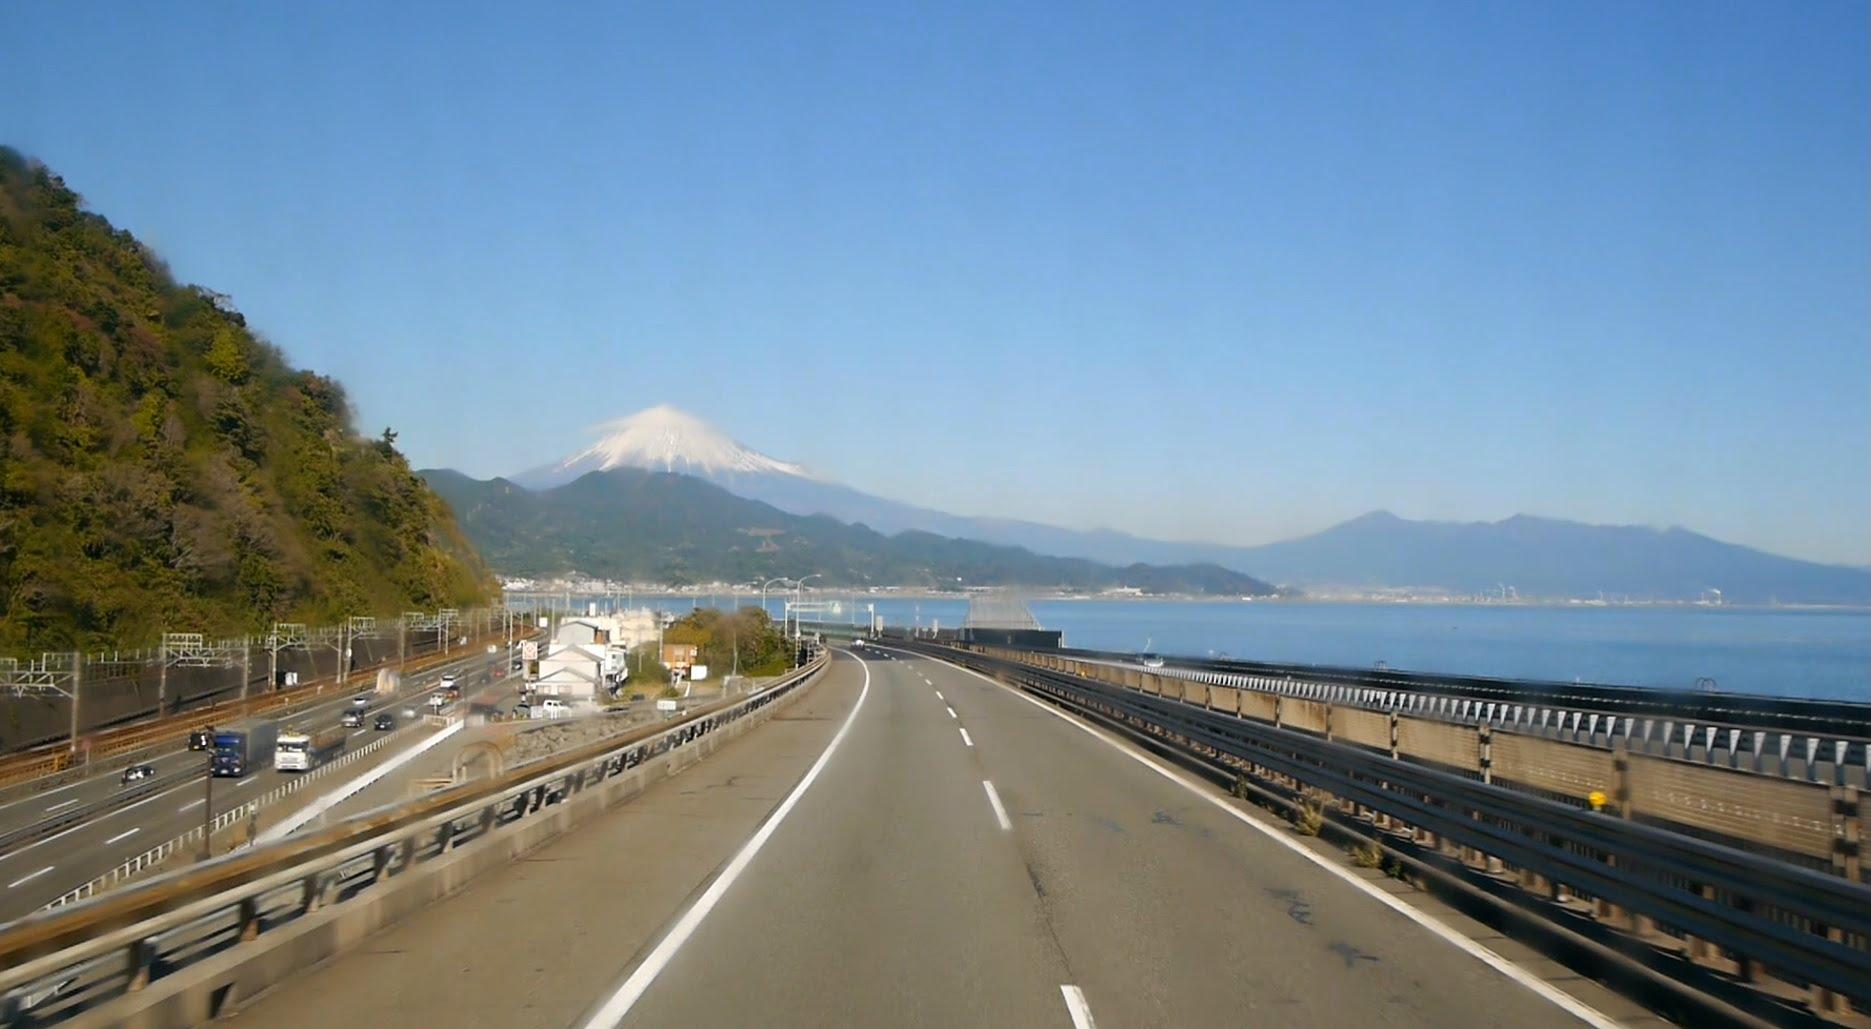 西日本JRバス 東海道昼特急302号 前面展望 浜名湖サービスエリア~足柄サービスエリア